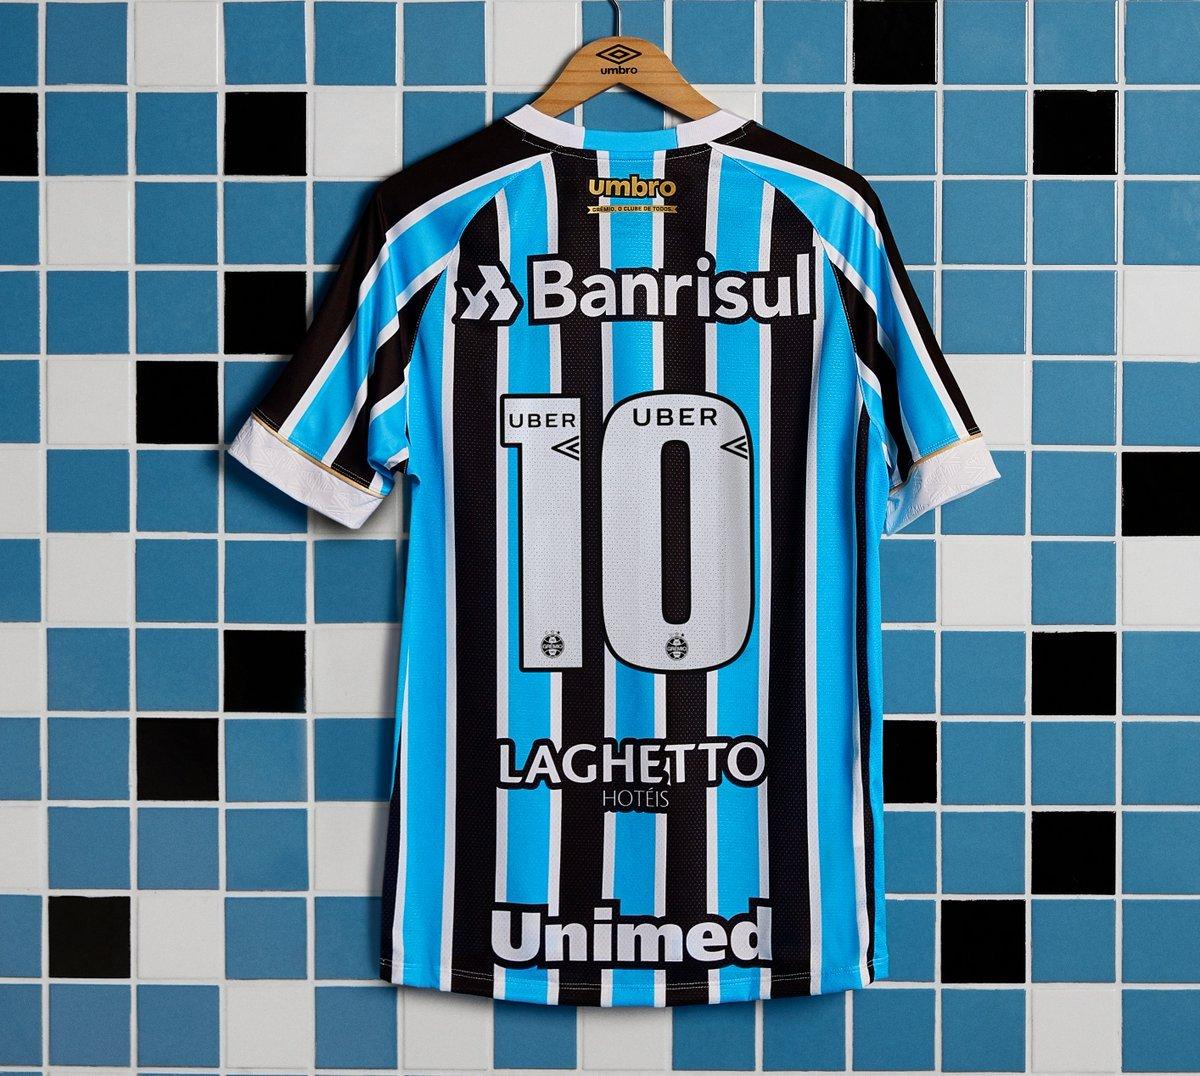 012298d07f Conheça os detalhes da nova camisa do Grêmio - JB Filho Repórter